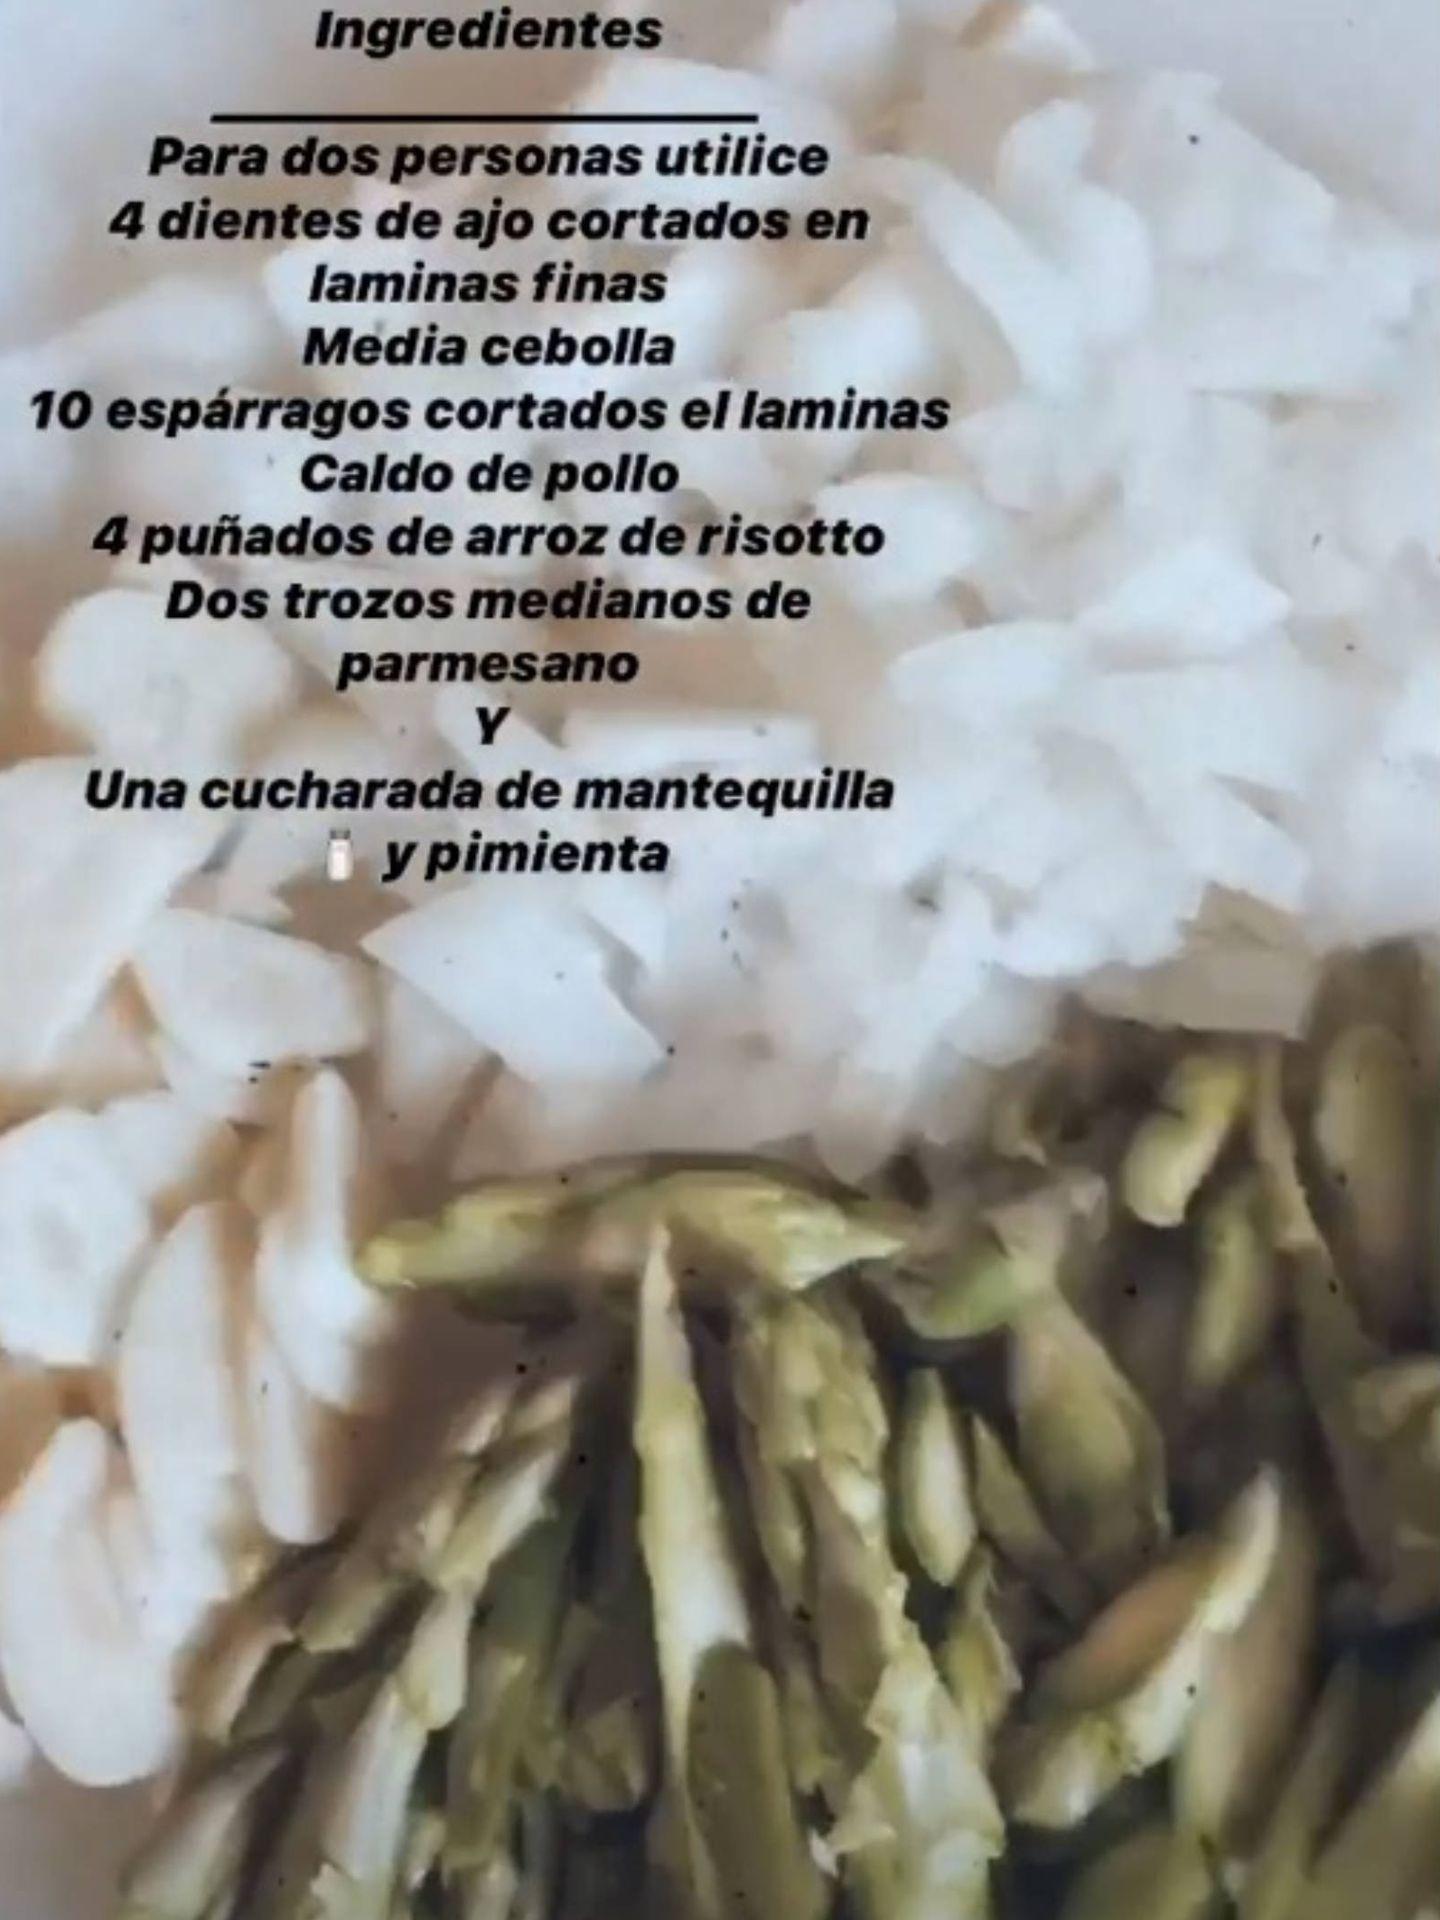 Recetas saludables que Vicky Martín Berrocal comparte en sus redes sociales. (Instagram @vickymartinberrocal)